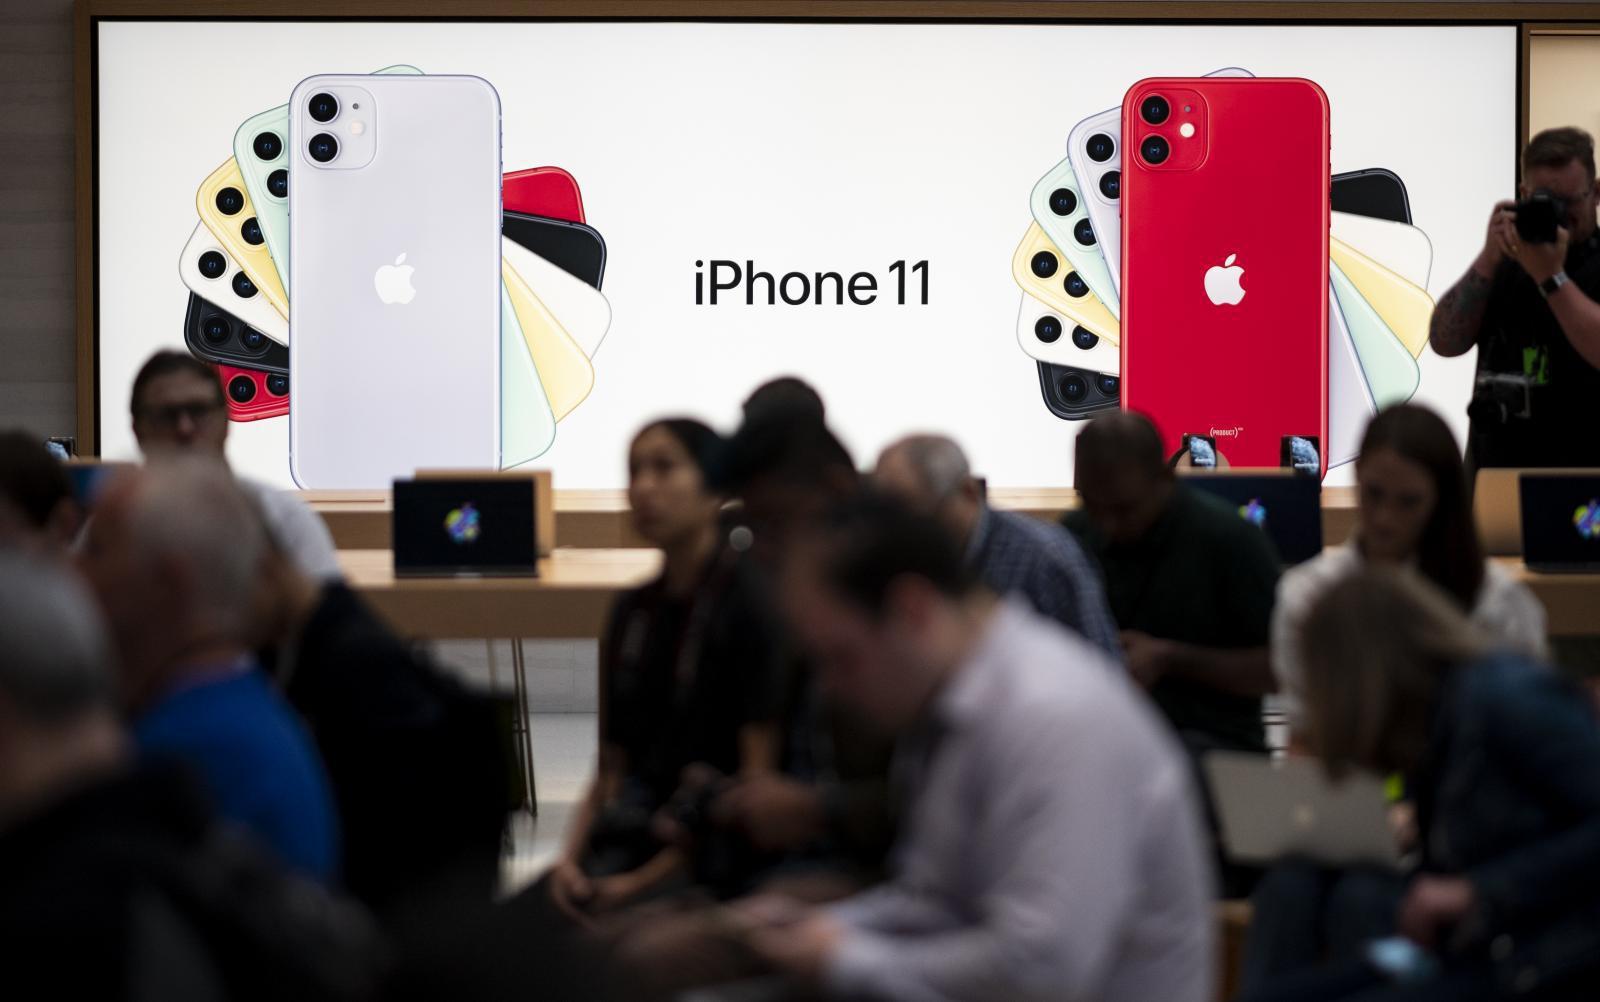 Apple ทุบสถิติโกยรายได้สูงสุดเป็นประวัติการณ์ พร้อมประกาศจ่ายปันผล ให้ผู้ถือหุ้น